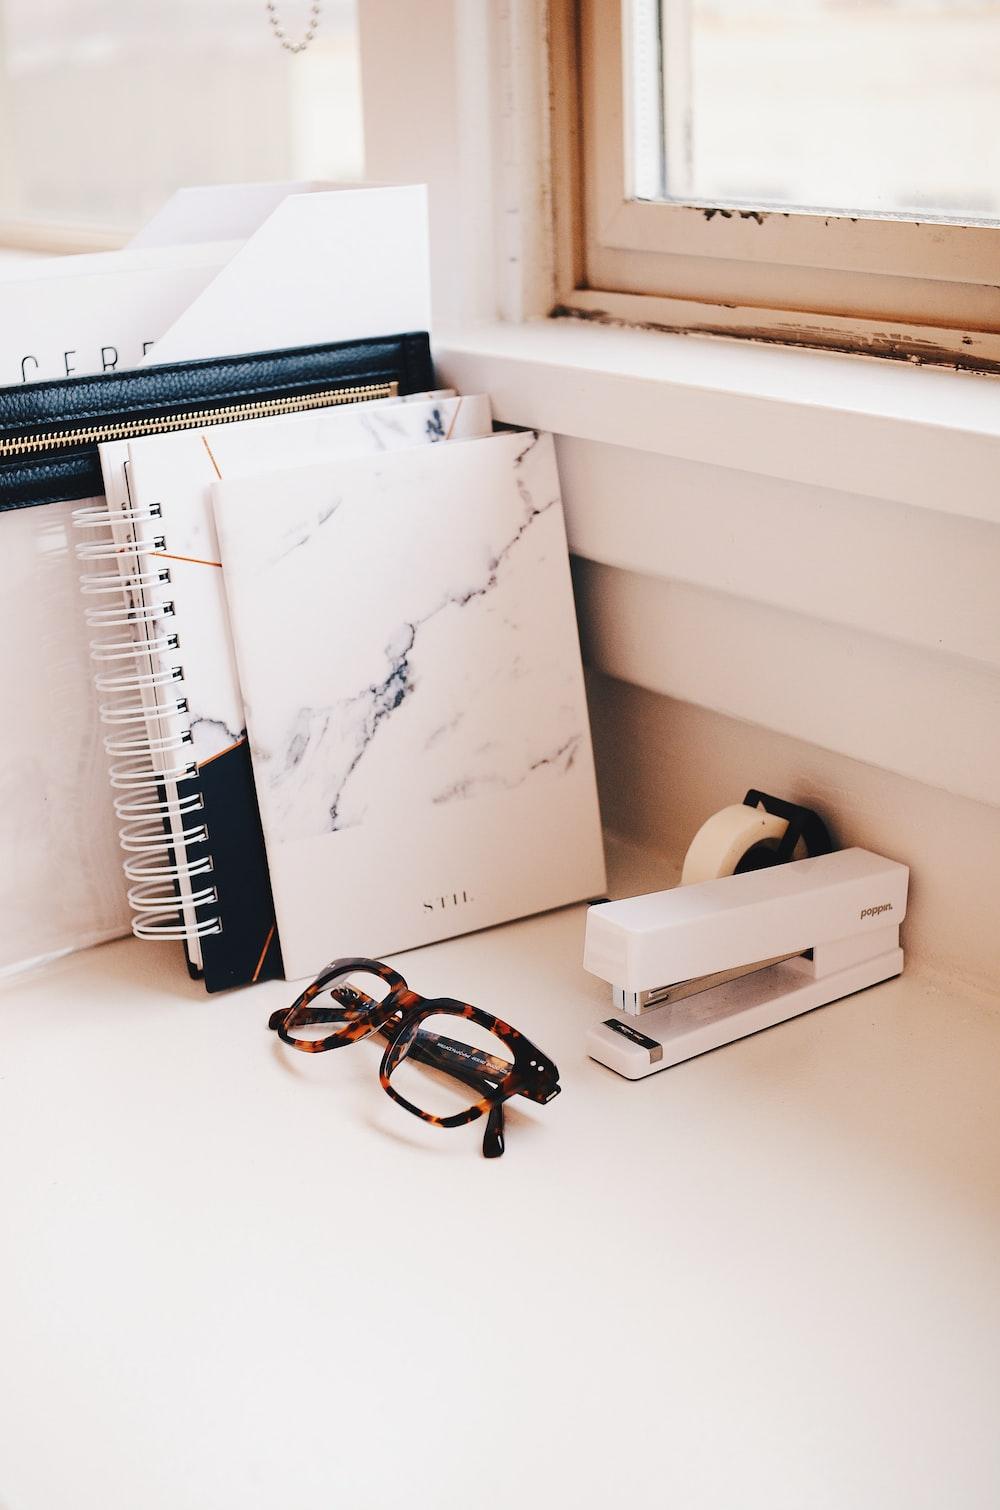 white stapler and eyeglasses with brown tortoiseshell frame on desk